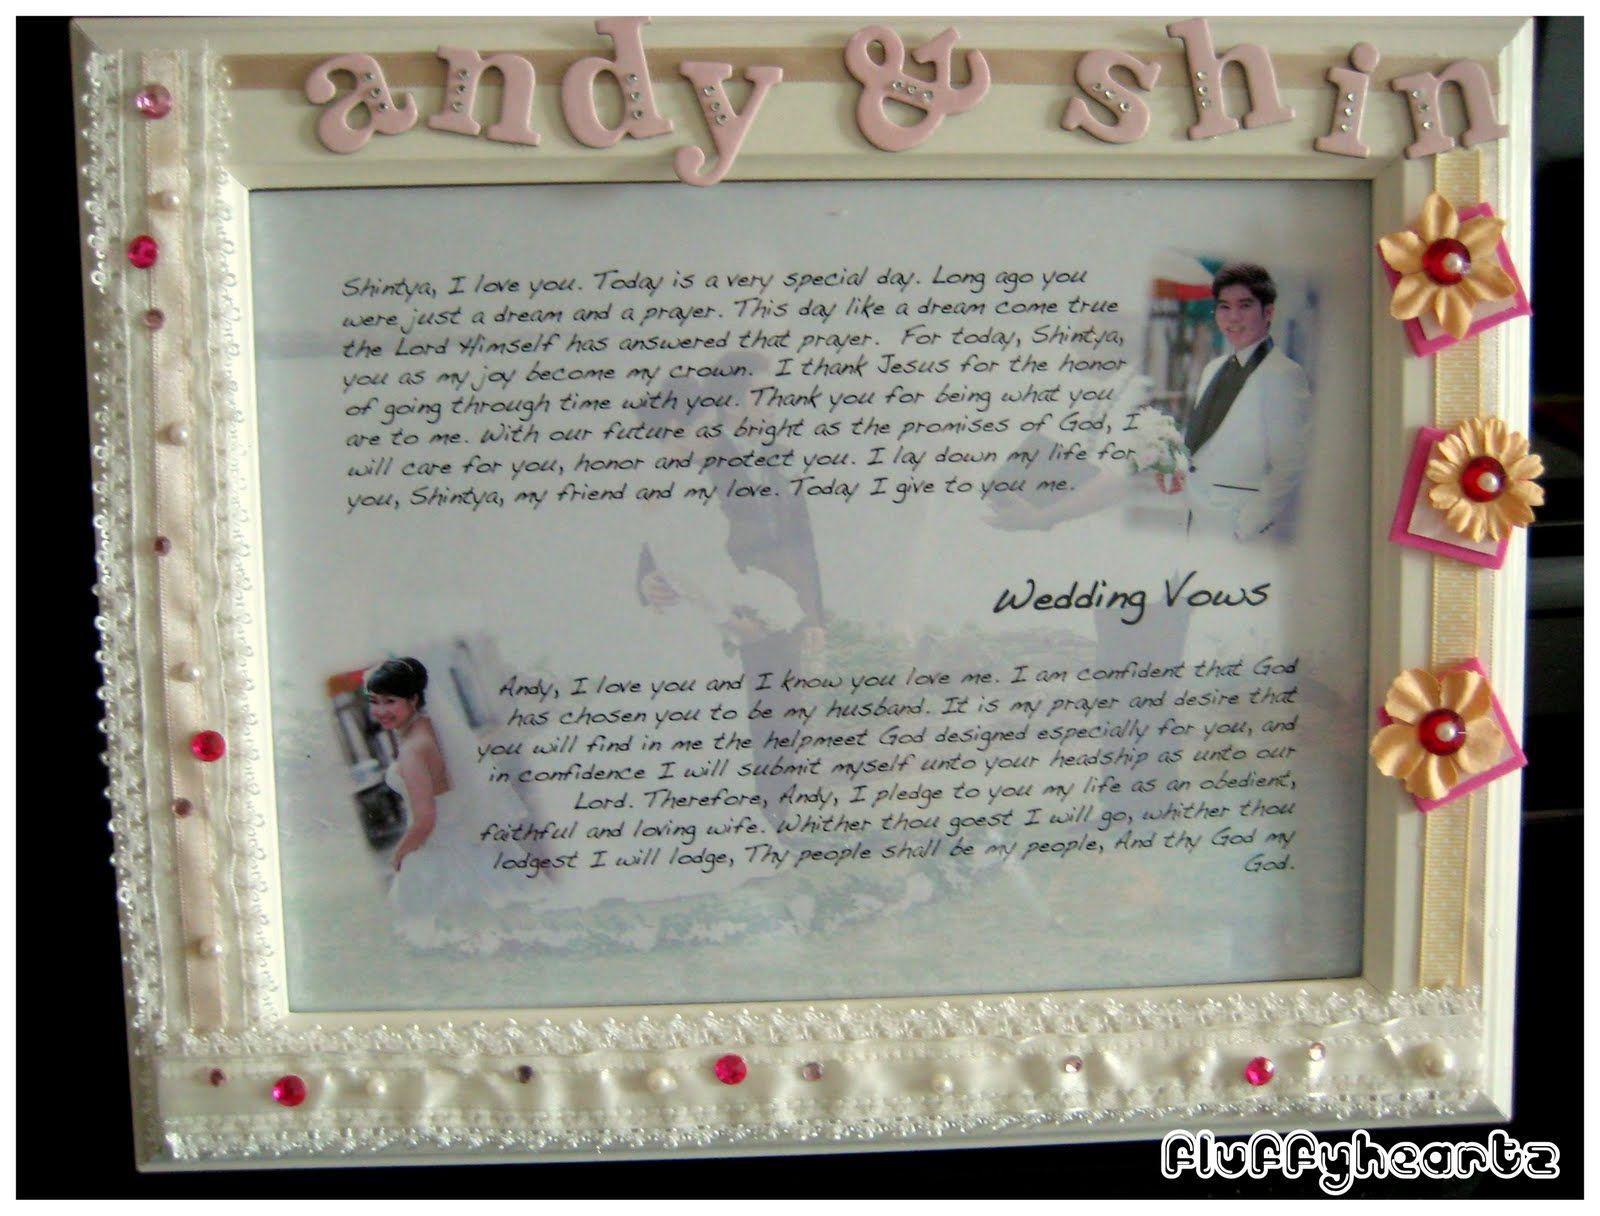 cute idea wedding vows framed | Inspiring Ideas | Pinterest